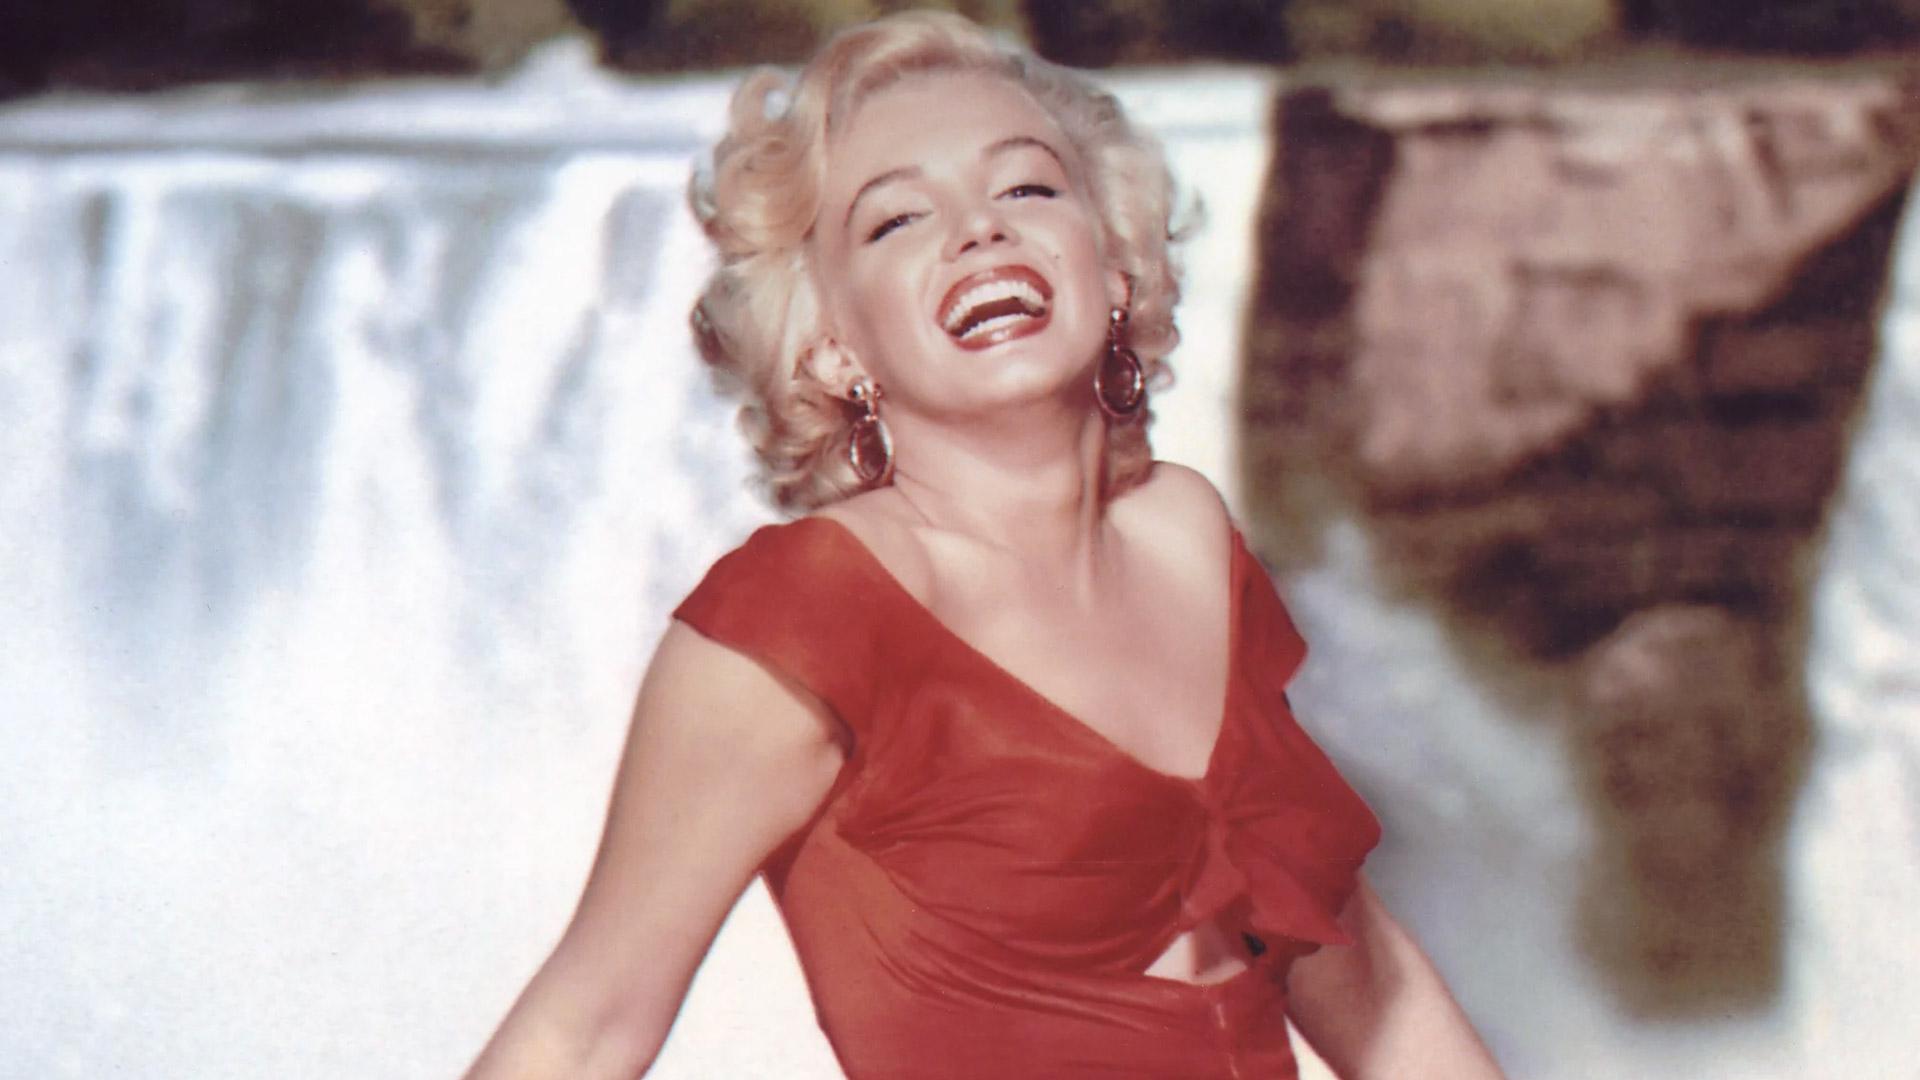 Bambole collezionabili fatte a mano in Italia: Marilyn Monroe